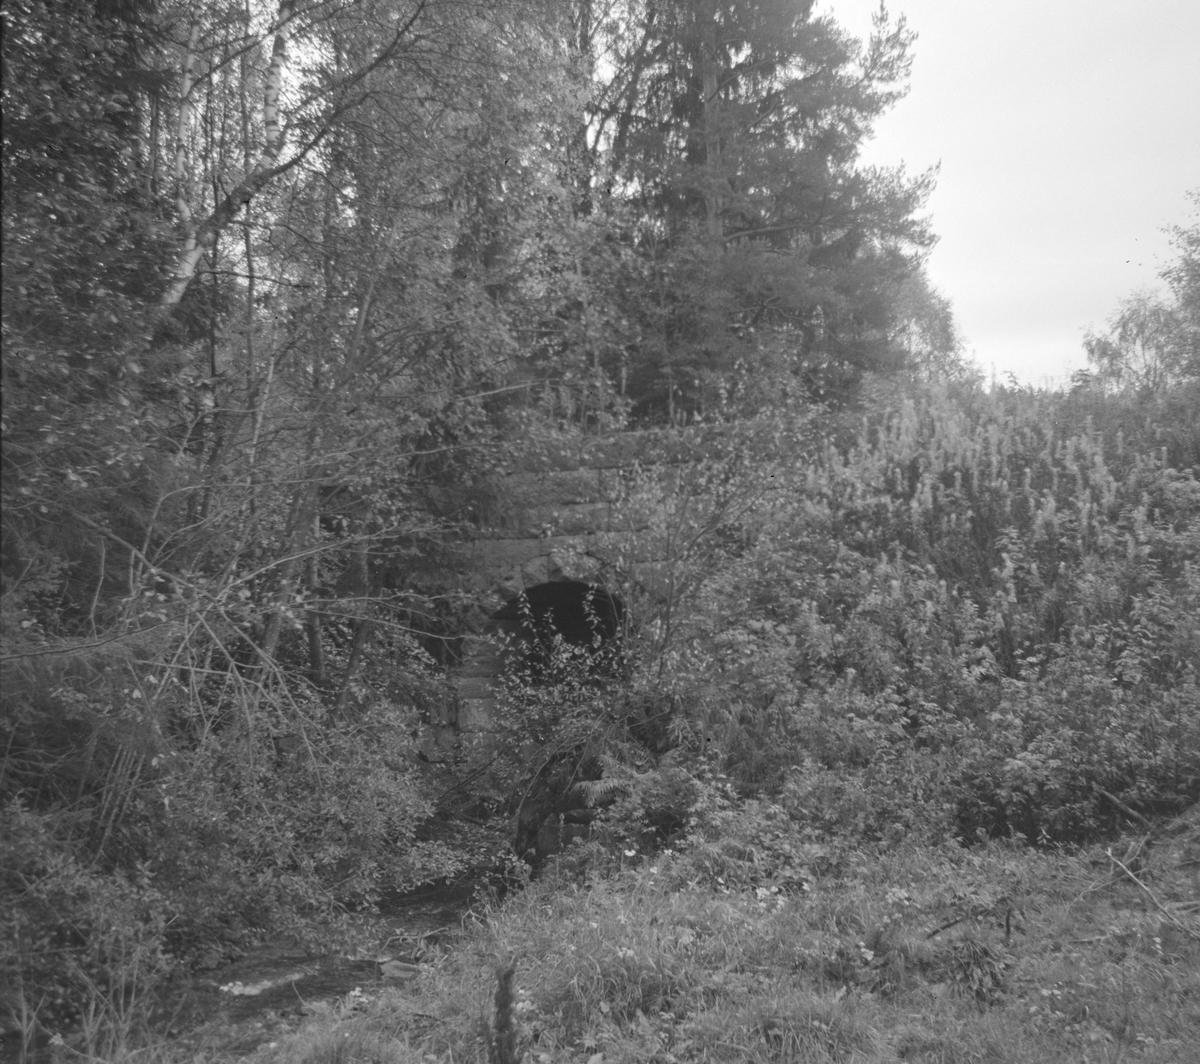 Gammelt steinhvelv ved Kopstad stoppested på nedlagte Tønsberg-Eidsfossbanen.